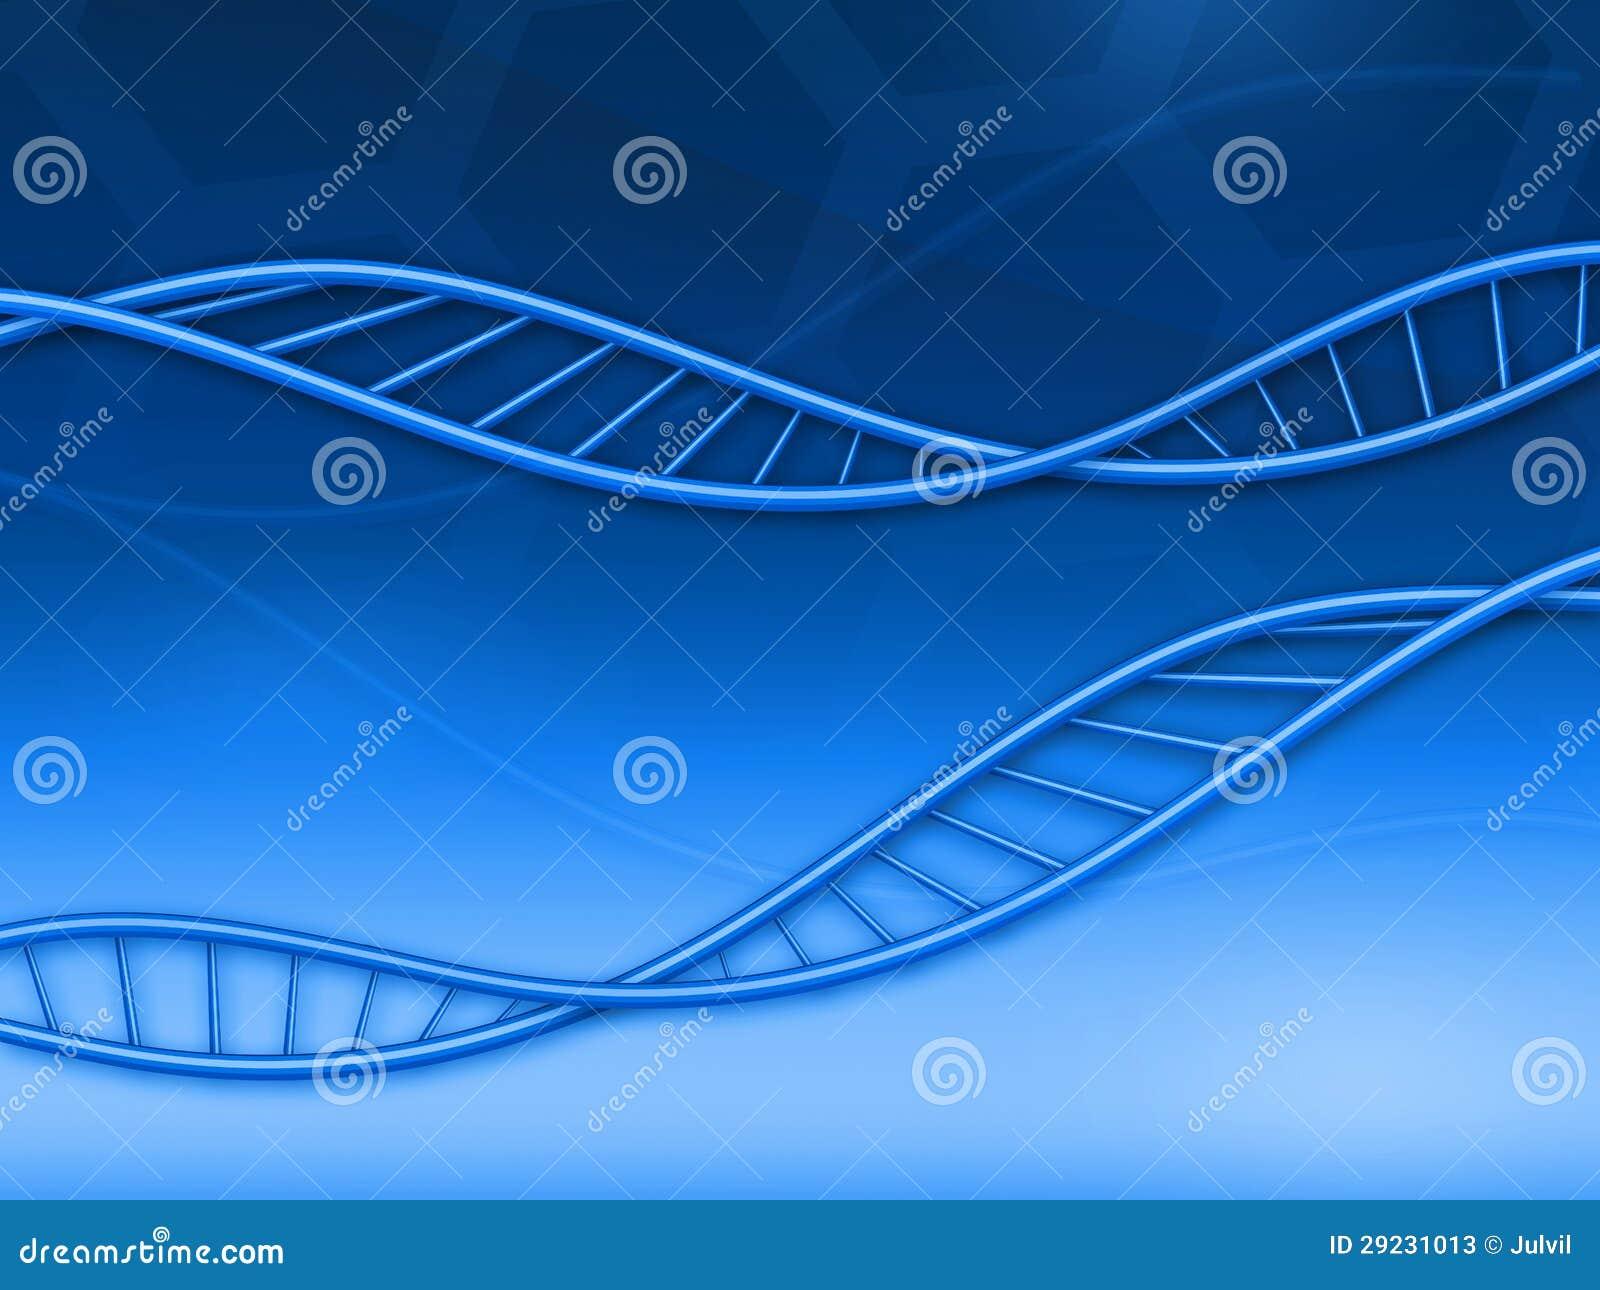 Download Fundo abstrato com ADN ilustração stock. Ilustração de biologia - 29231013